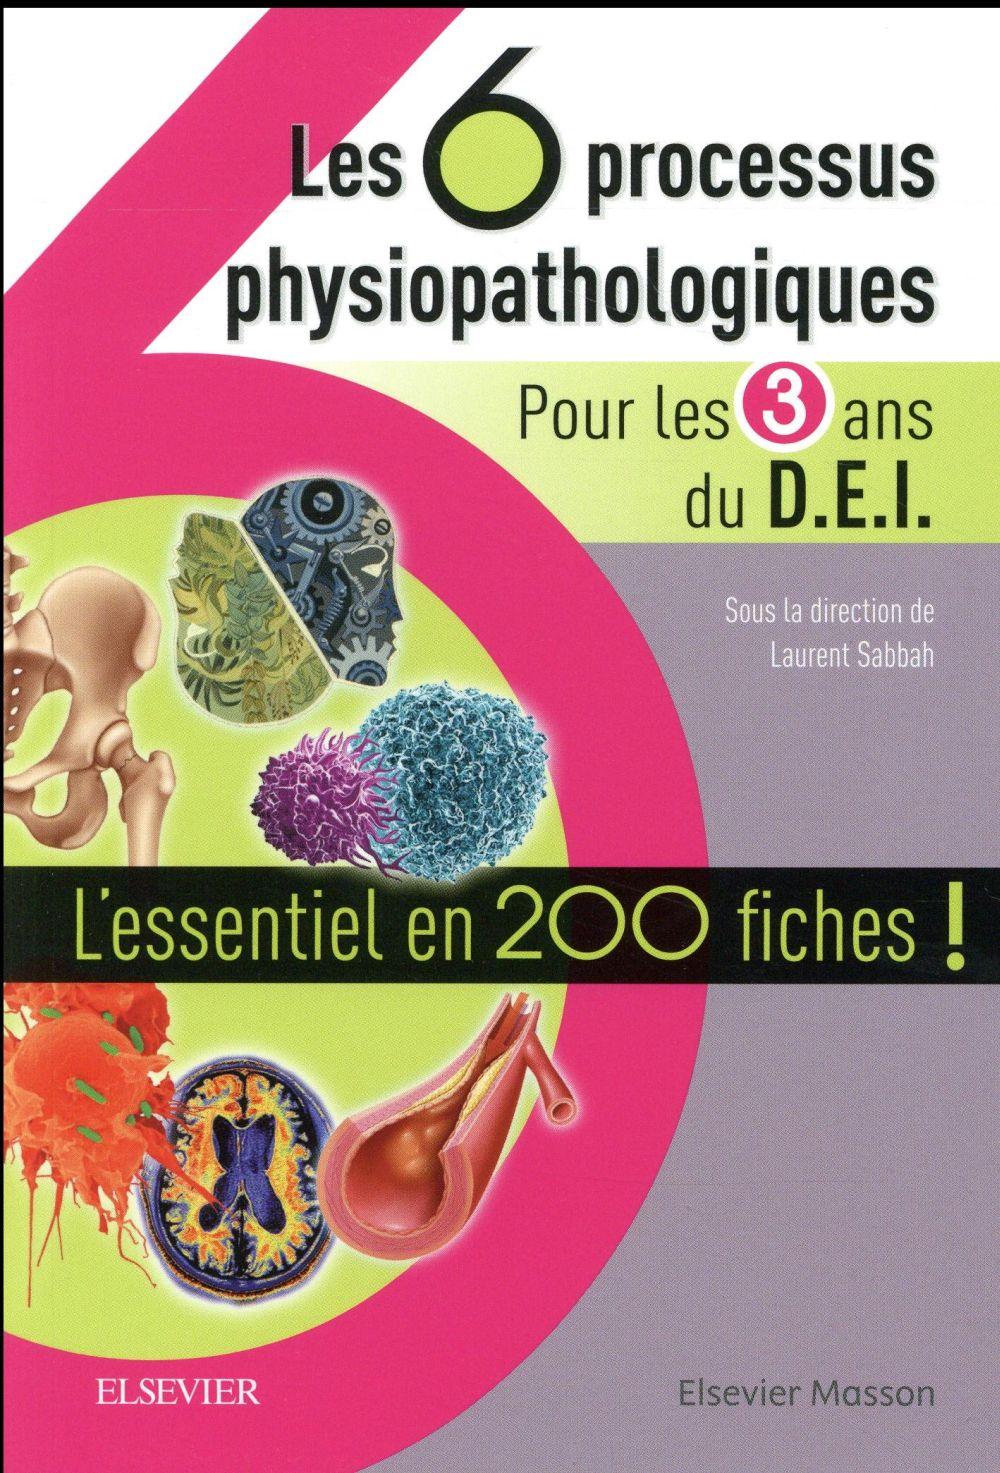 les 6 processus physiopathologiques ; pour les 3 ans du D.E.I.